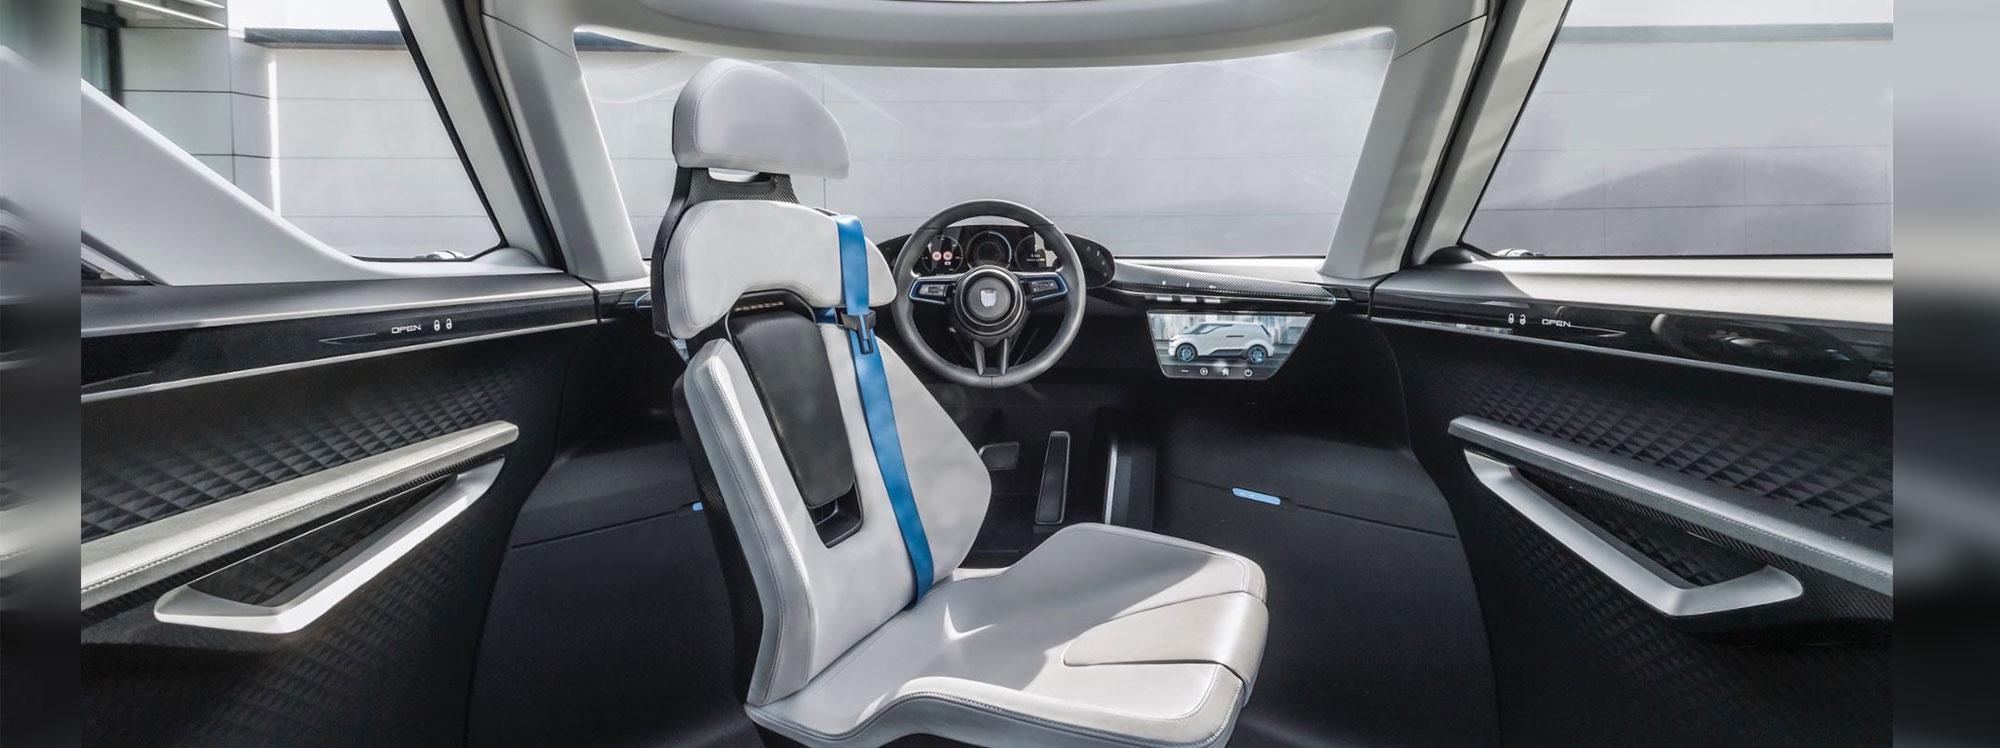 Porsche: la cabina del futuro está en construcción